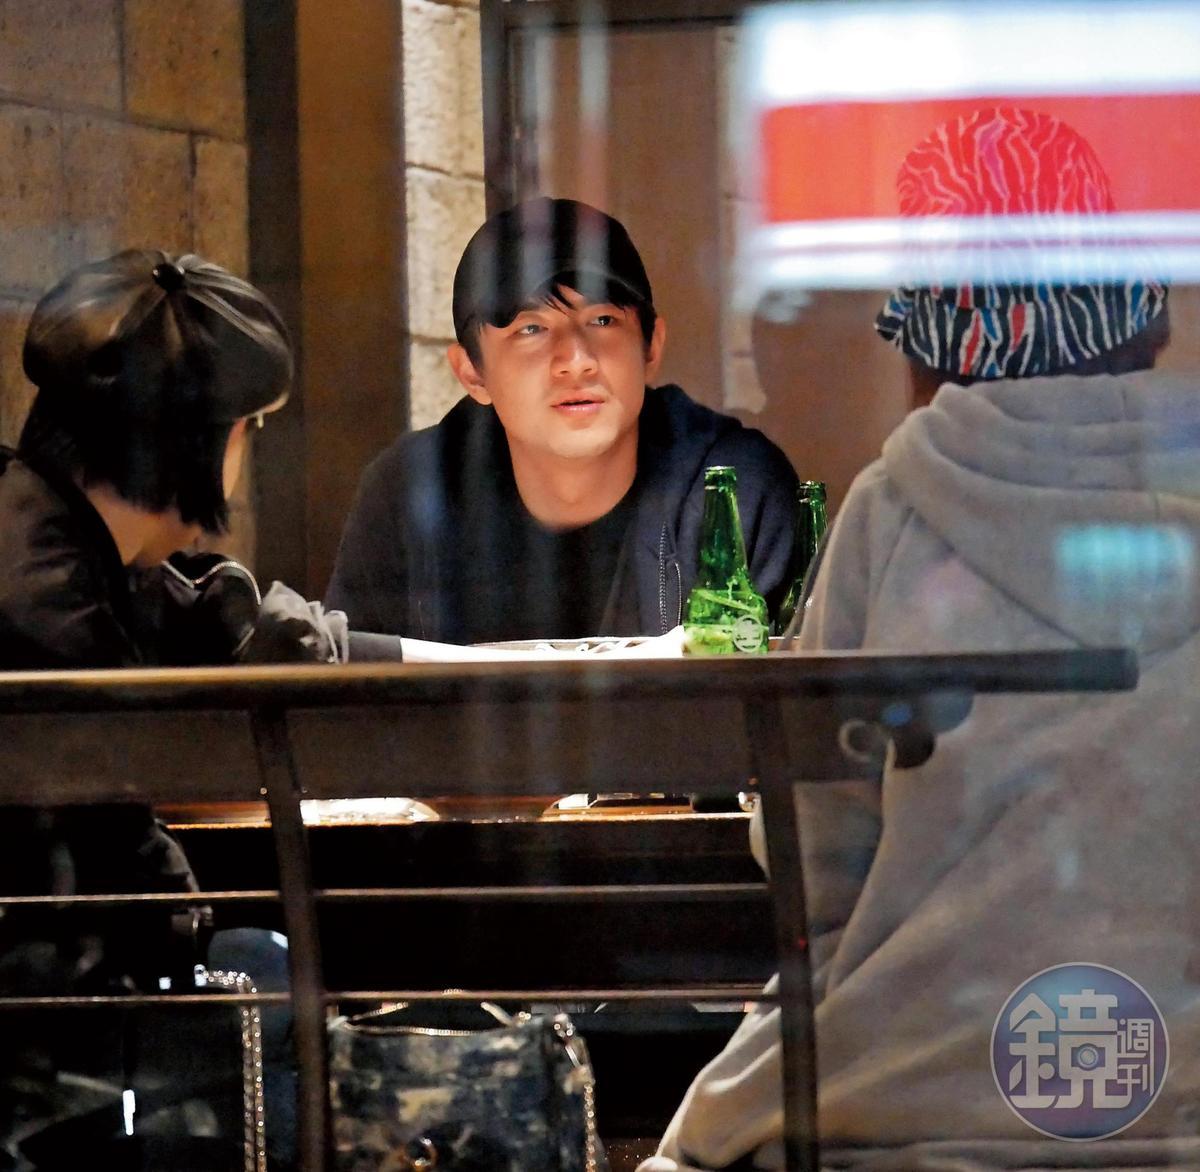 12月27日04:06,愛來台吃麻辣鍋的林更新,又被目擊在凌晨時分與2女1男在台北光復北路吃鍋。